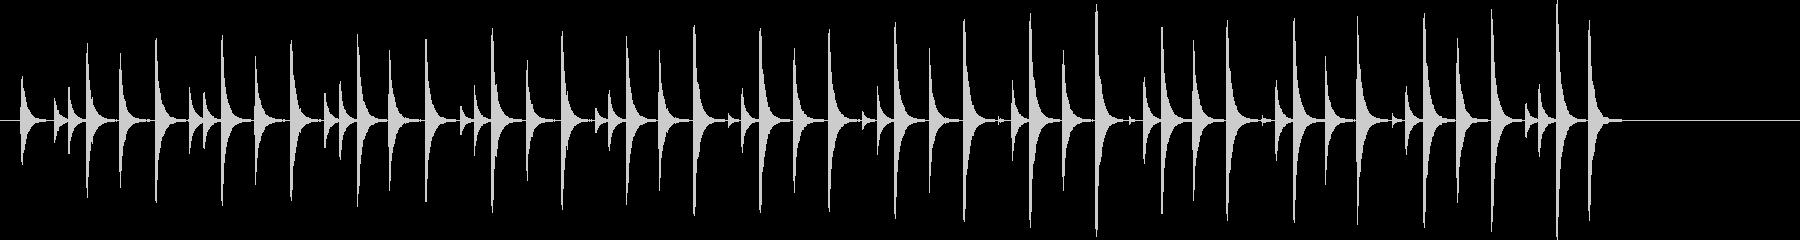 ボンゴドラム:マーチングリズム、マ...の未再生の波形